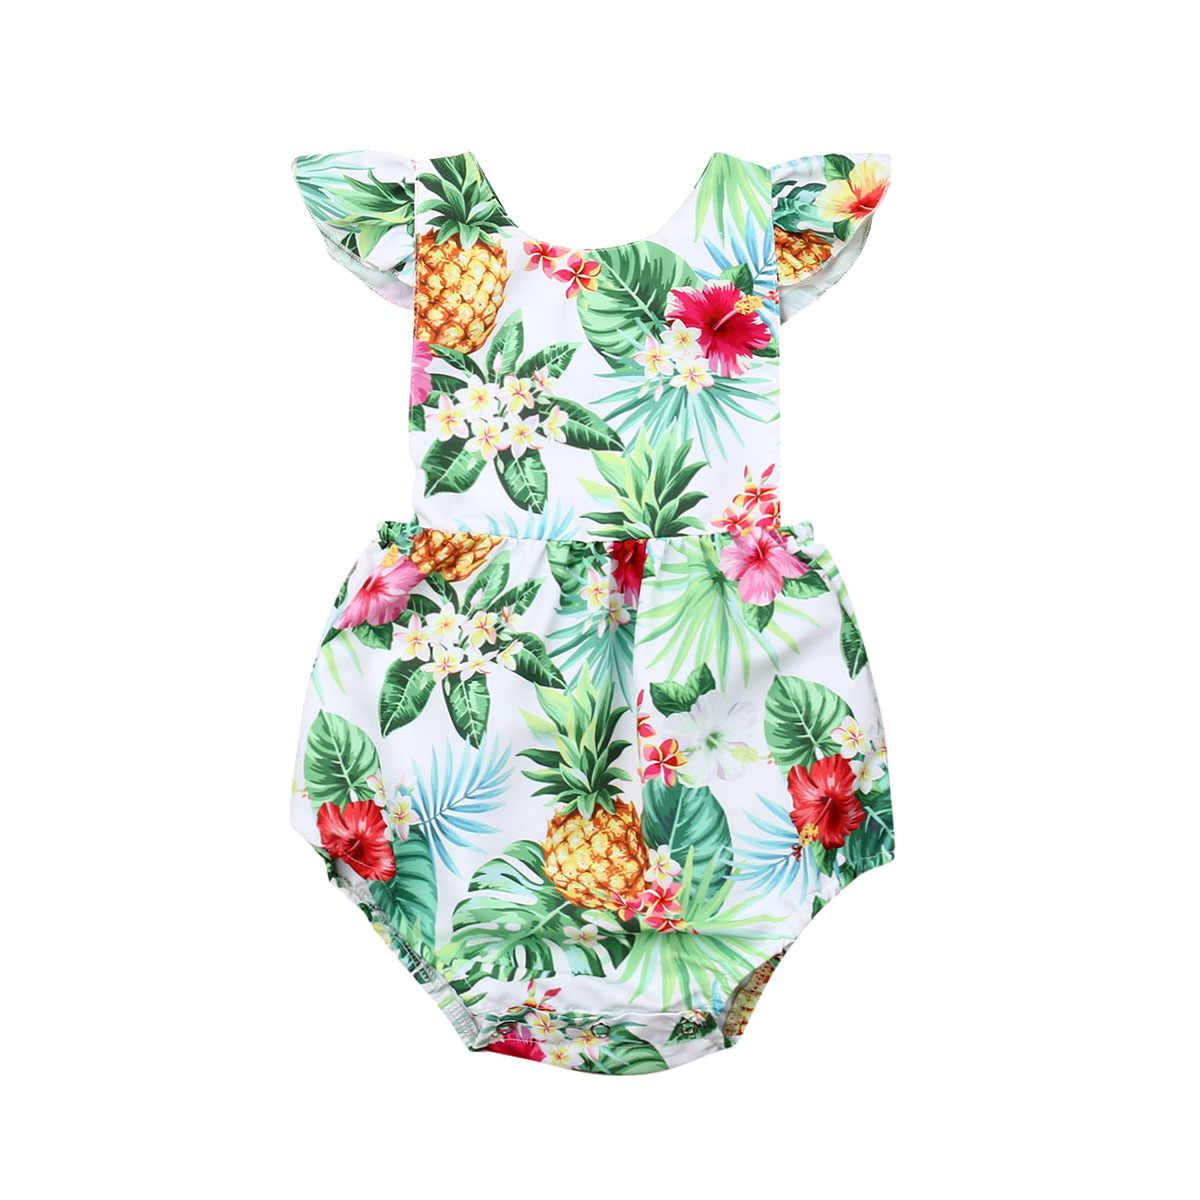 Коллекция 2019 года, летняя одежда для малышей милый боди с цветочным рисунком для маленьких девочек Комбинезон с короткими рукавами и оборками, костюм с вырезом на спине для детей от 0 до 24 месяцев